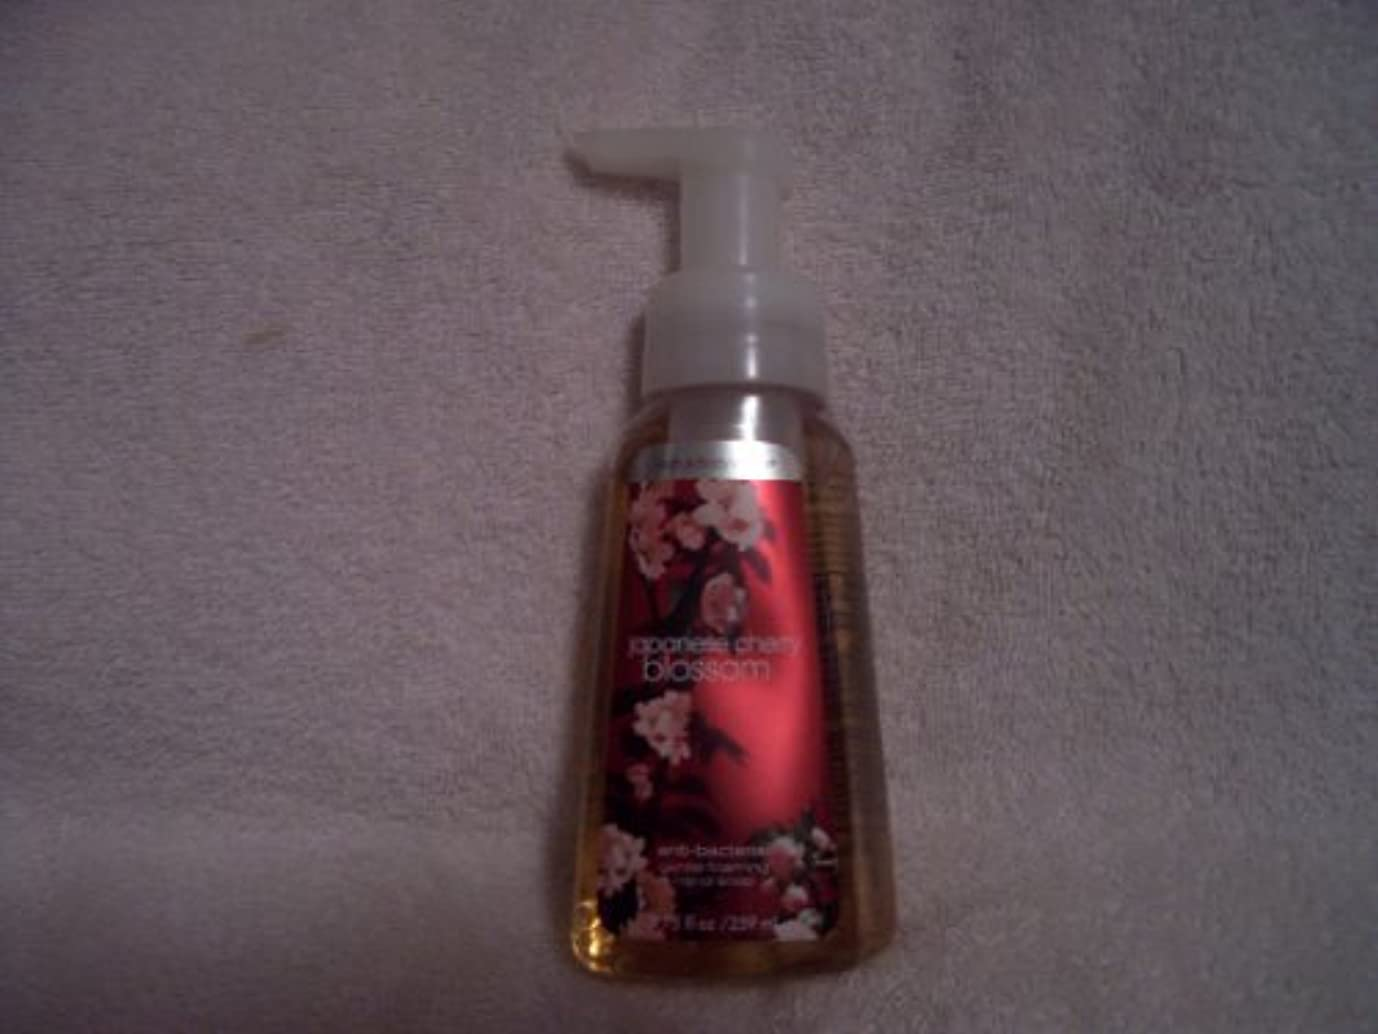 達成謙虚バケット[Bath&Body Works] フォーミングハンドソープ ジャパニーズチェリーブロッサム 259ml [海外直送品]